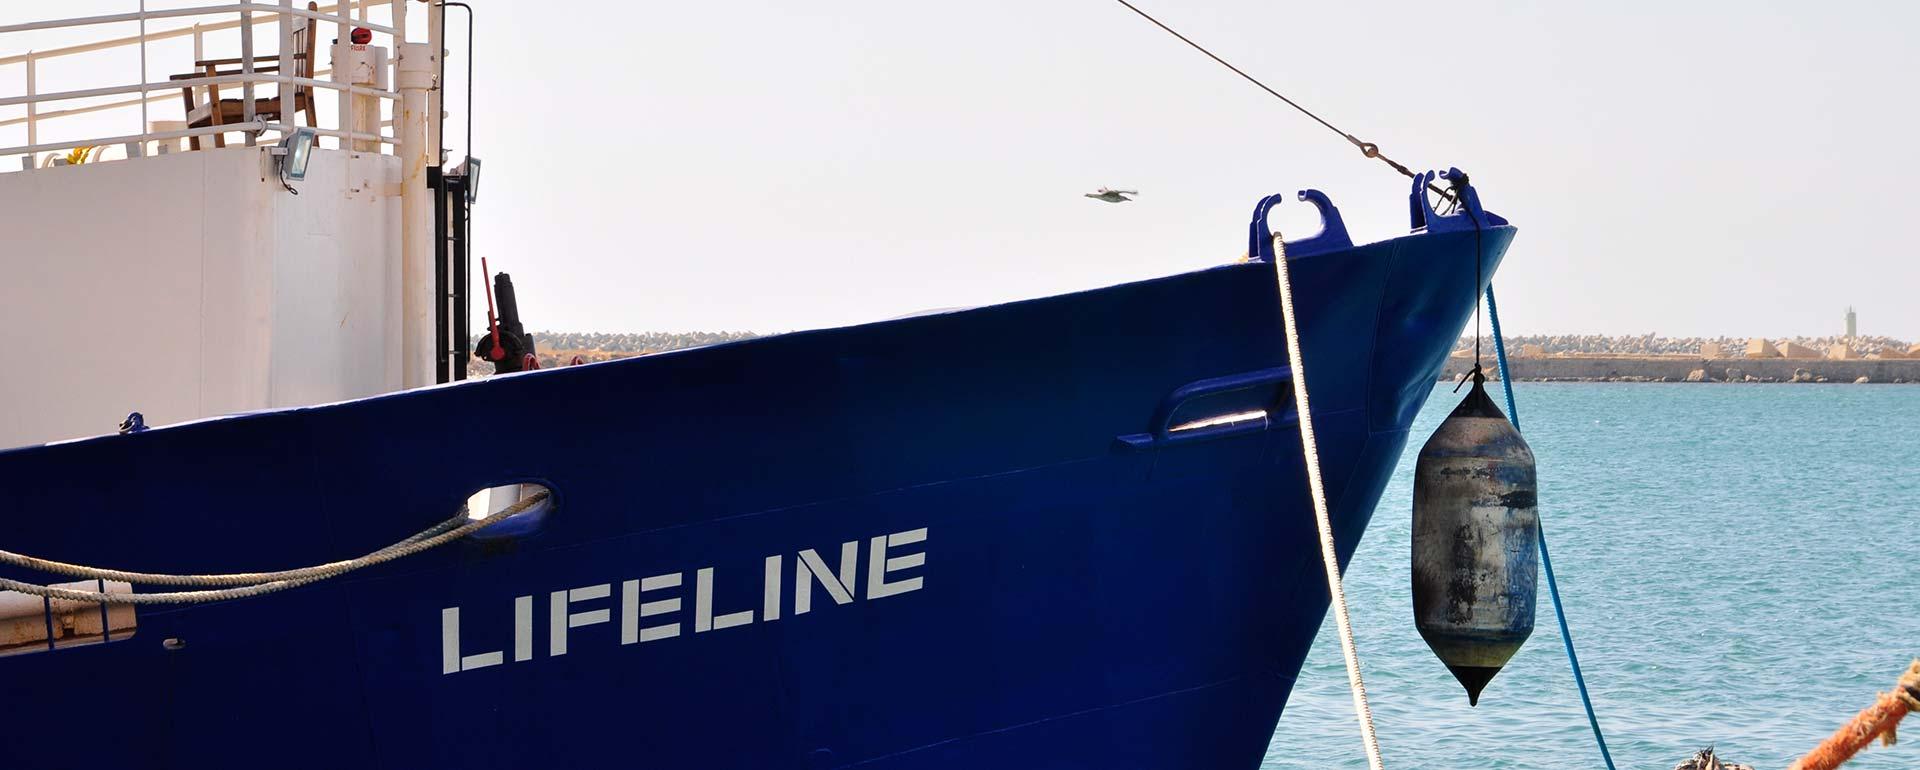 Lifeline im Hafen von Malta von der Seite, Schriftzug LIFELINE